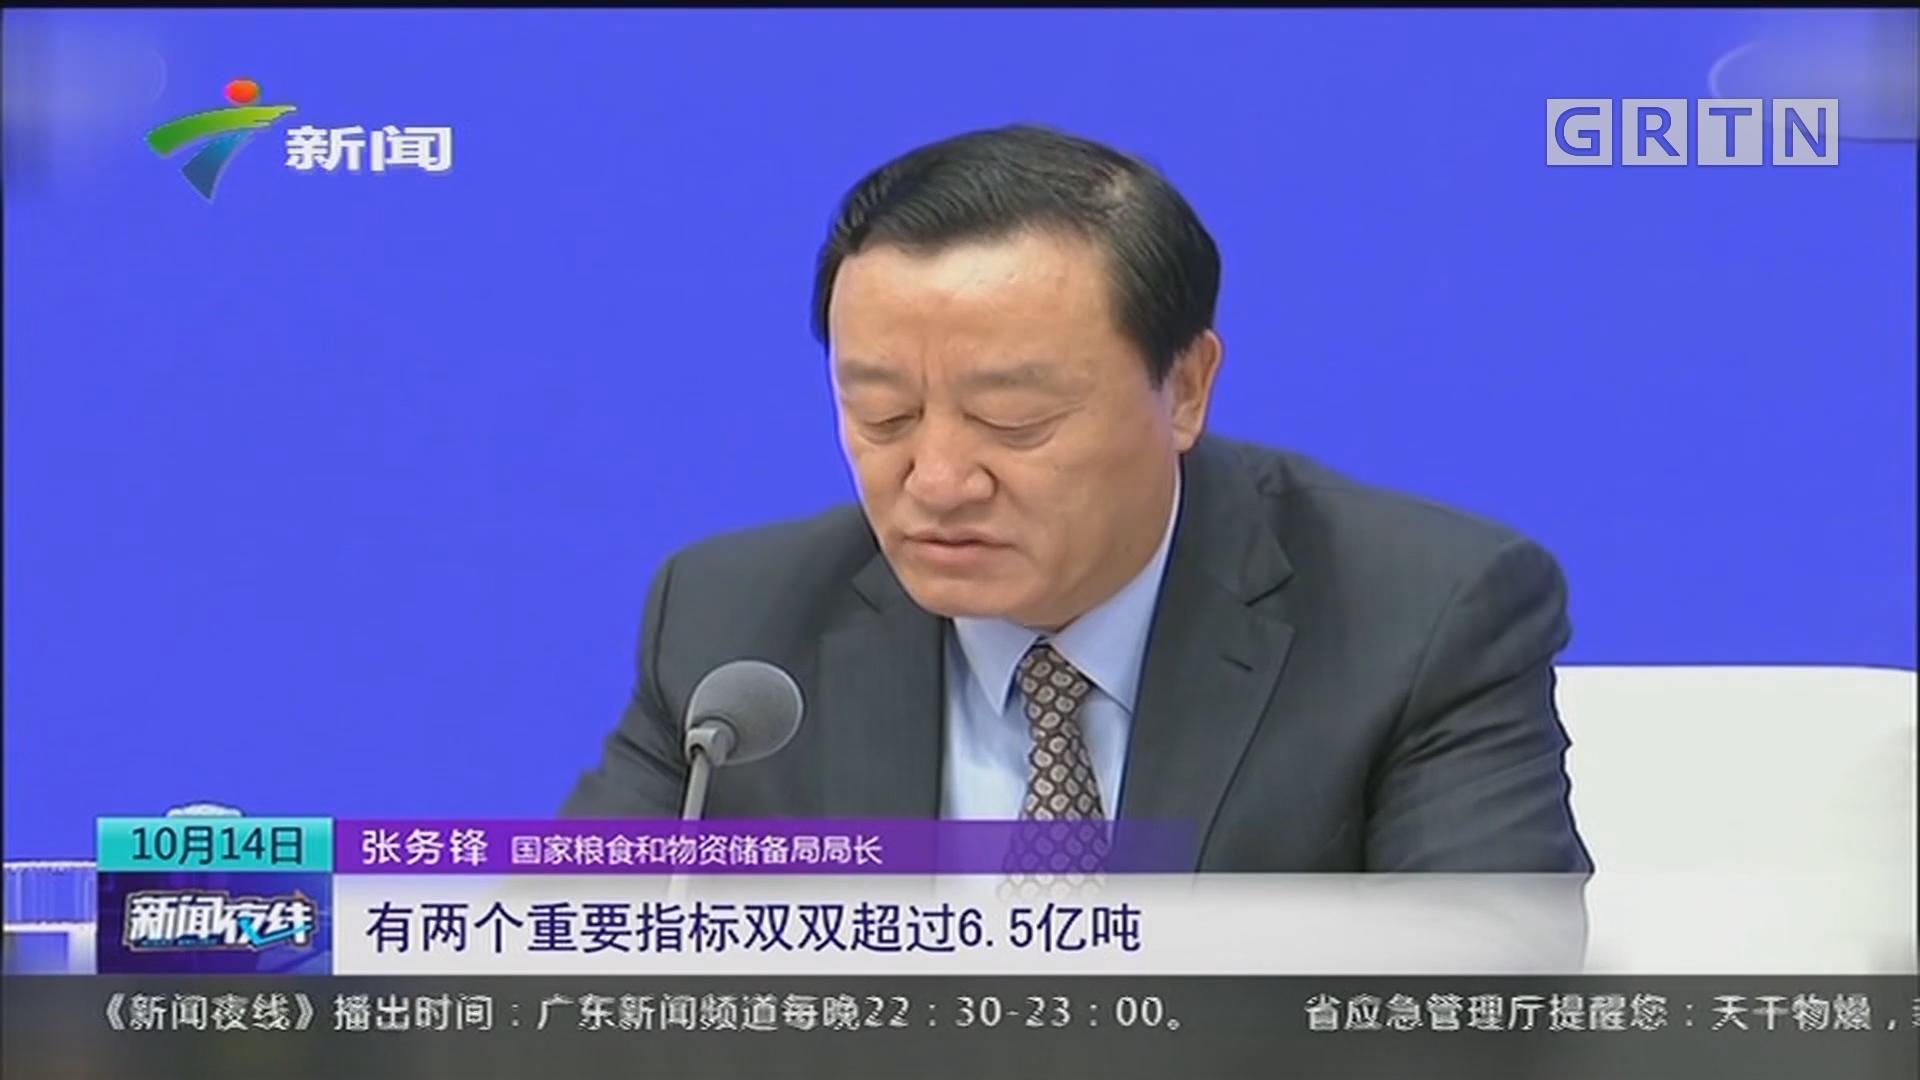 《中国的粮食安全》白皮书发表